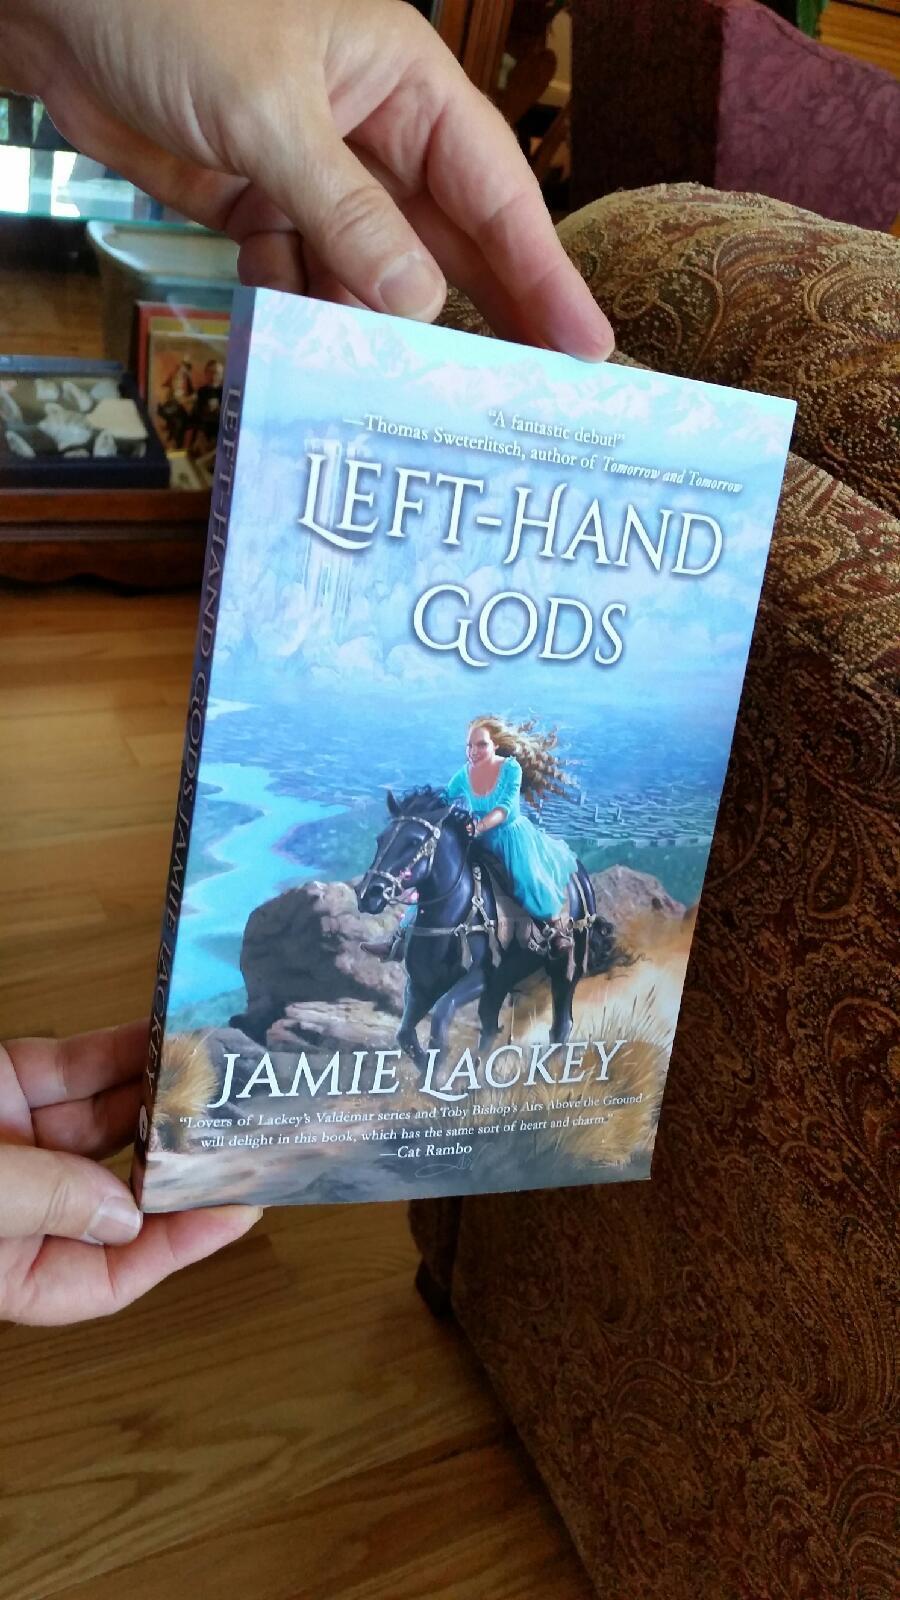 Left-Hand Gods1.jpg